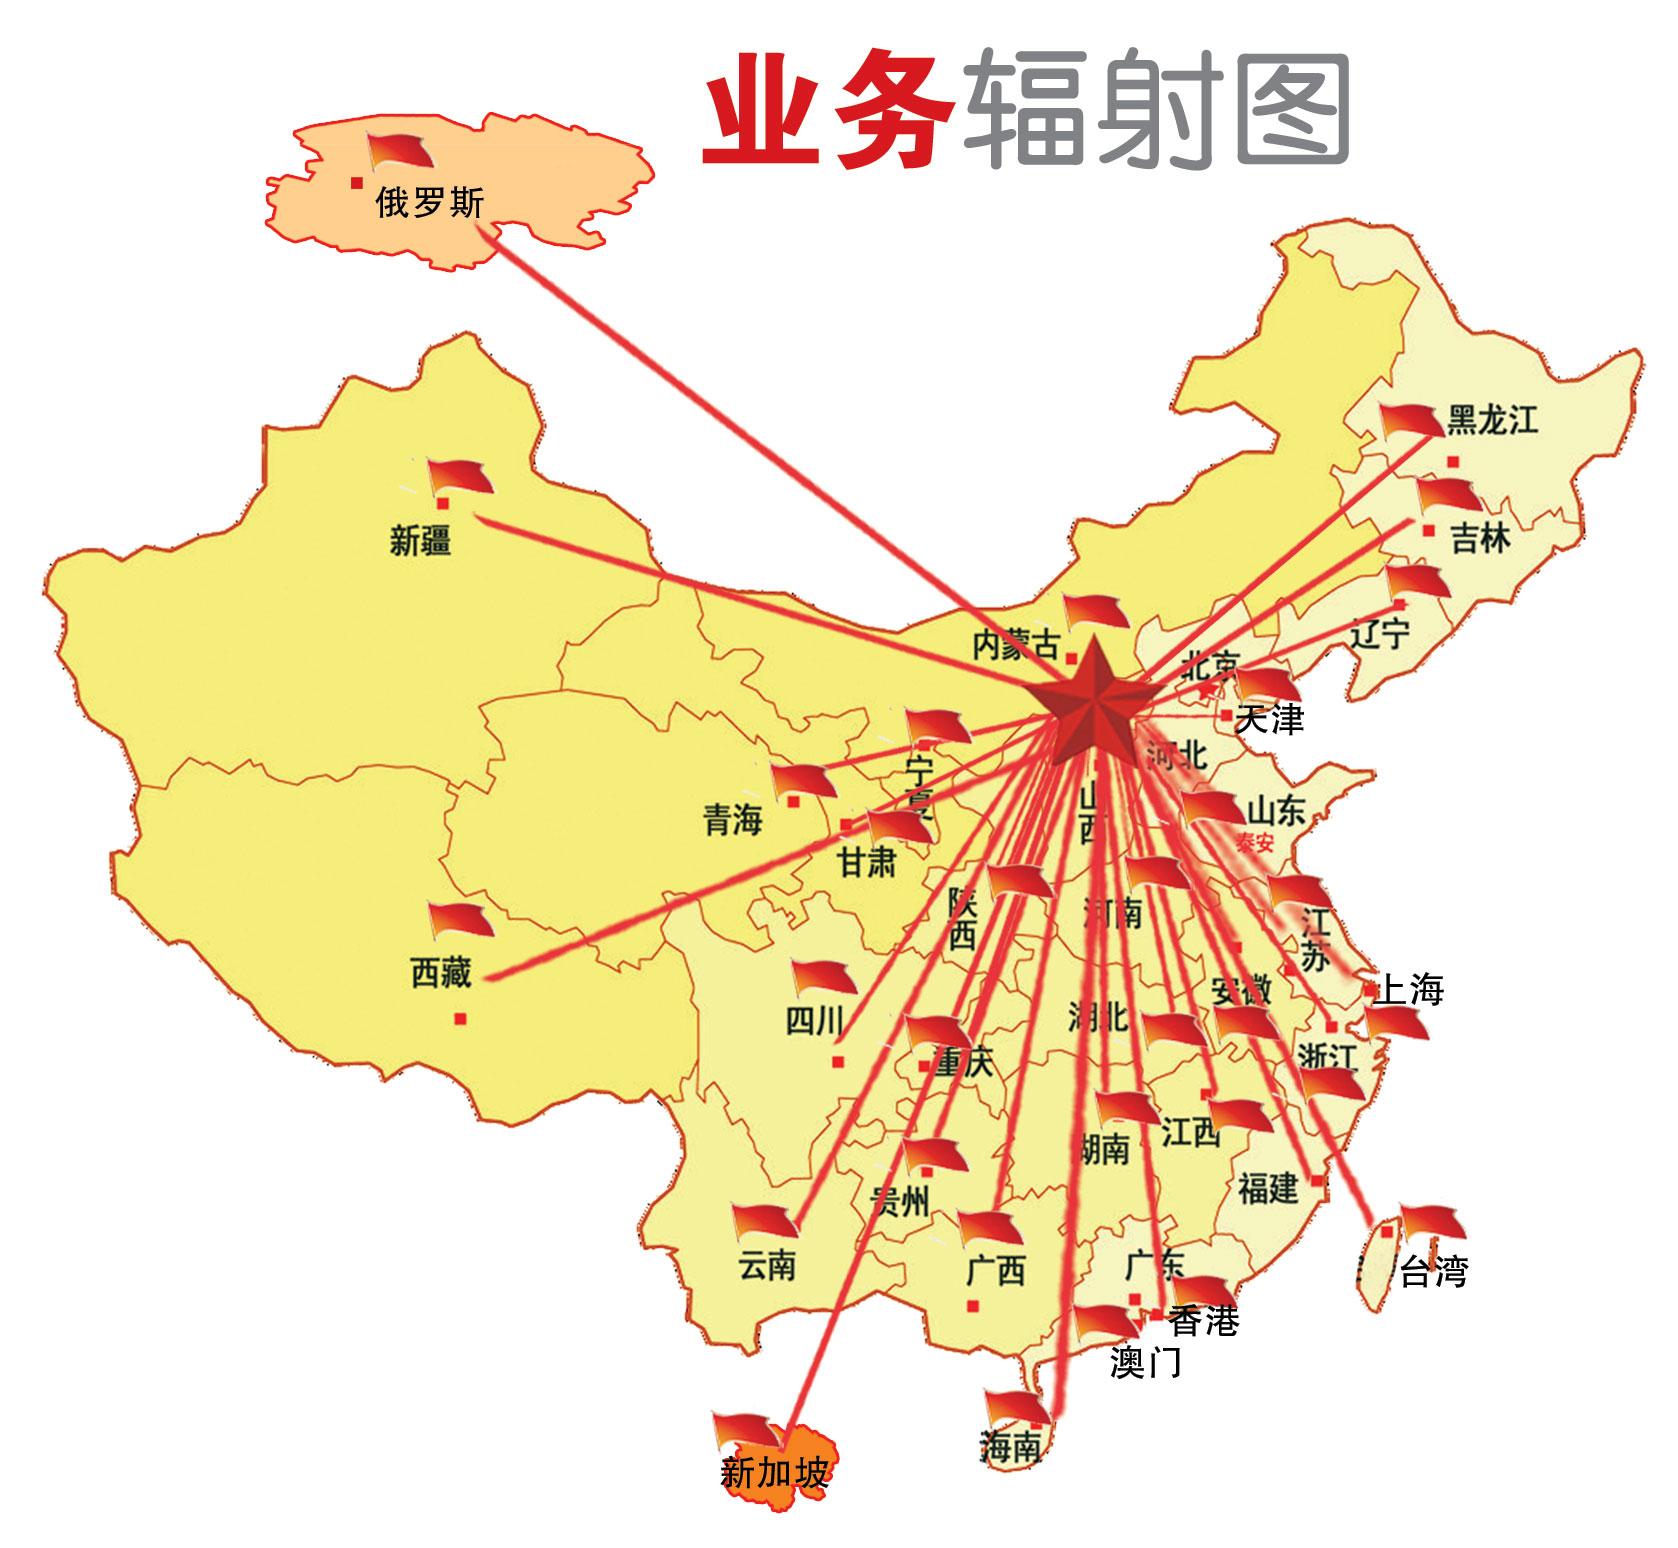 业务辐射图.jpg